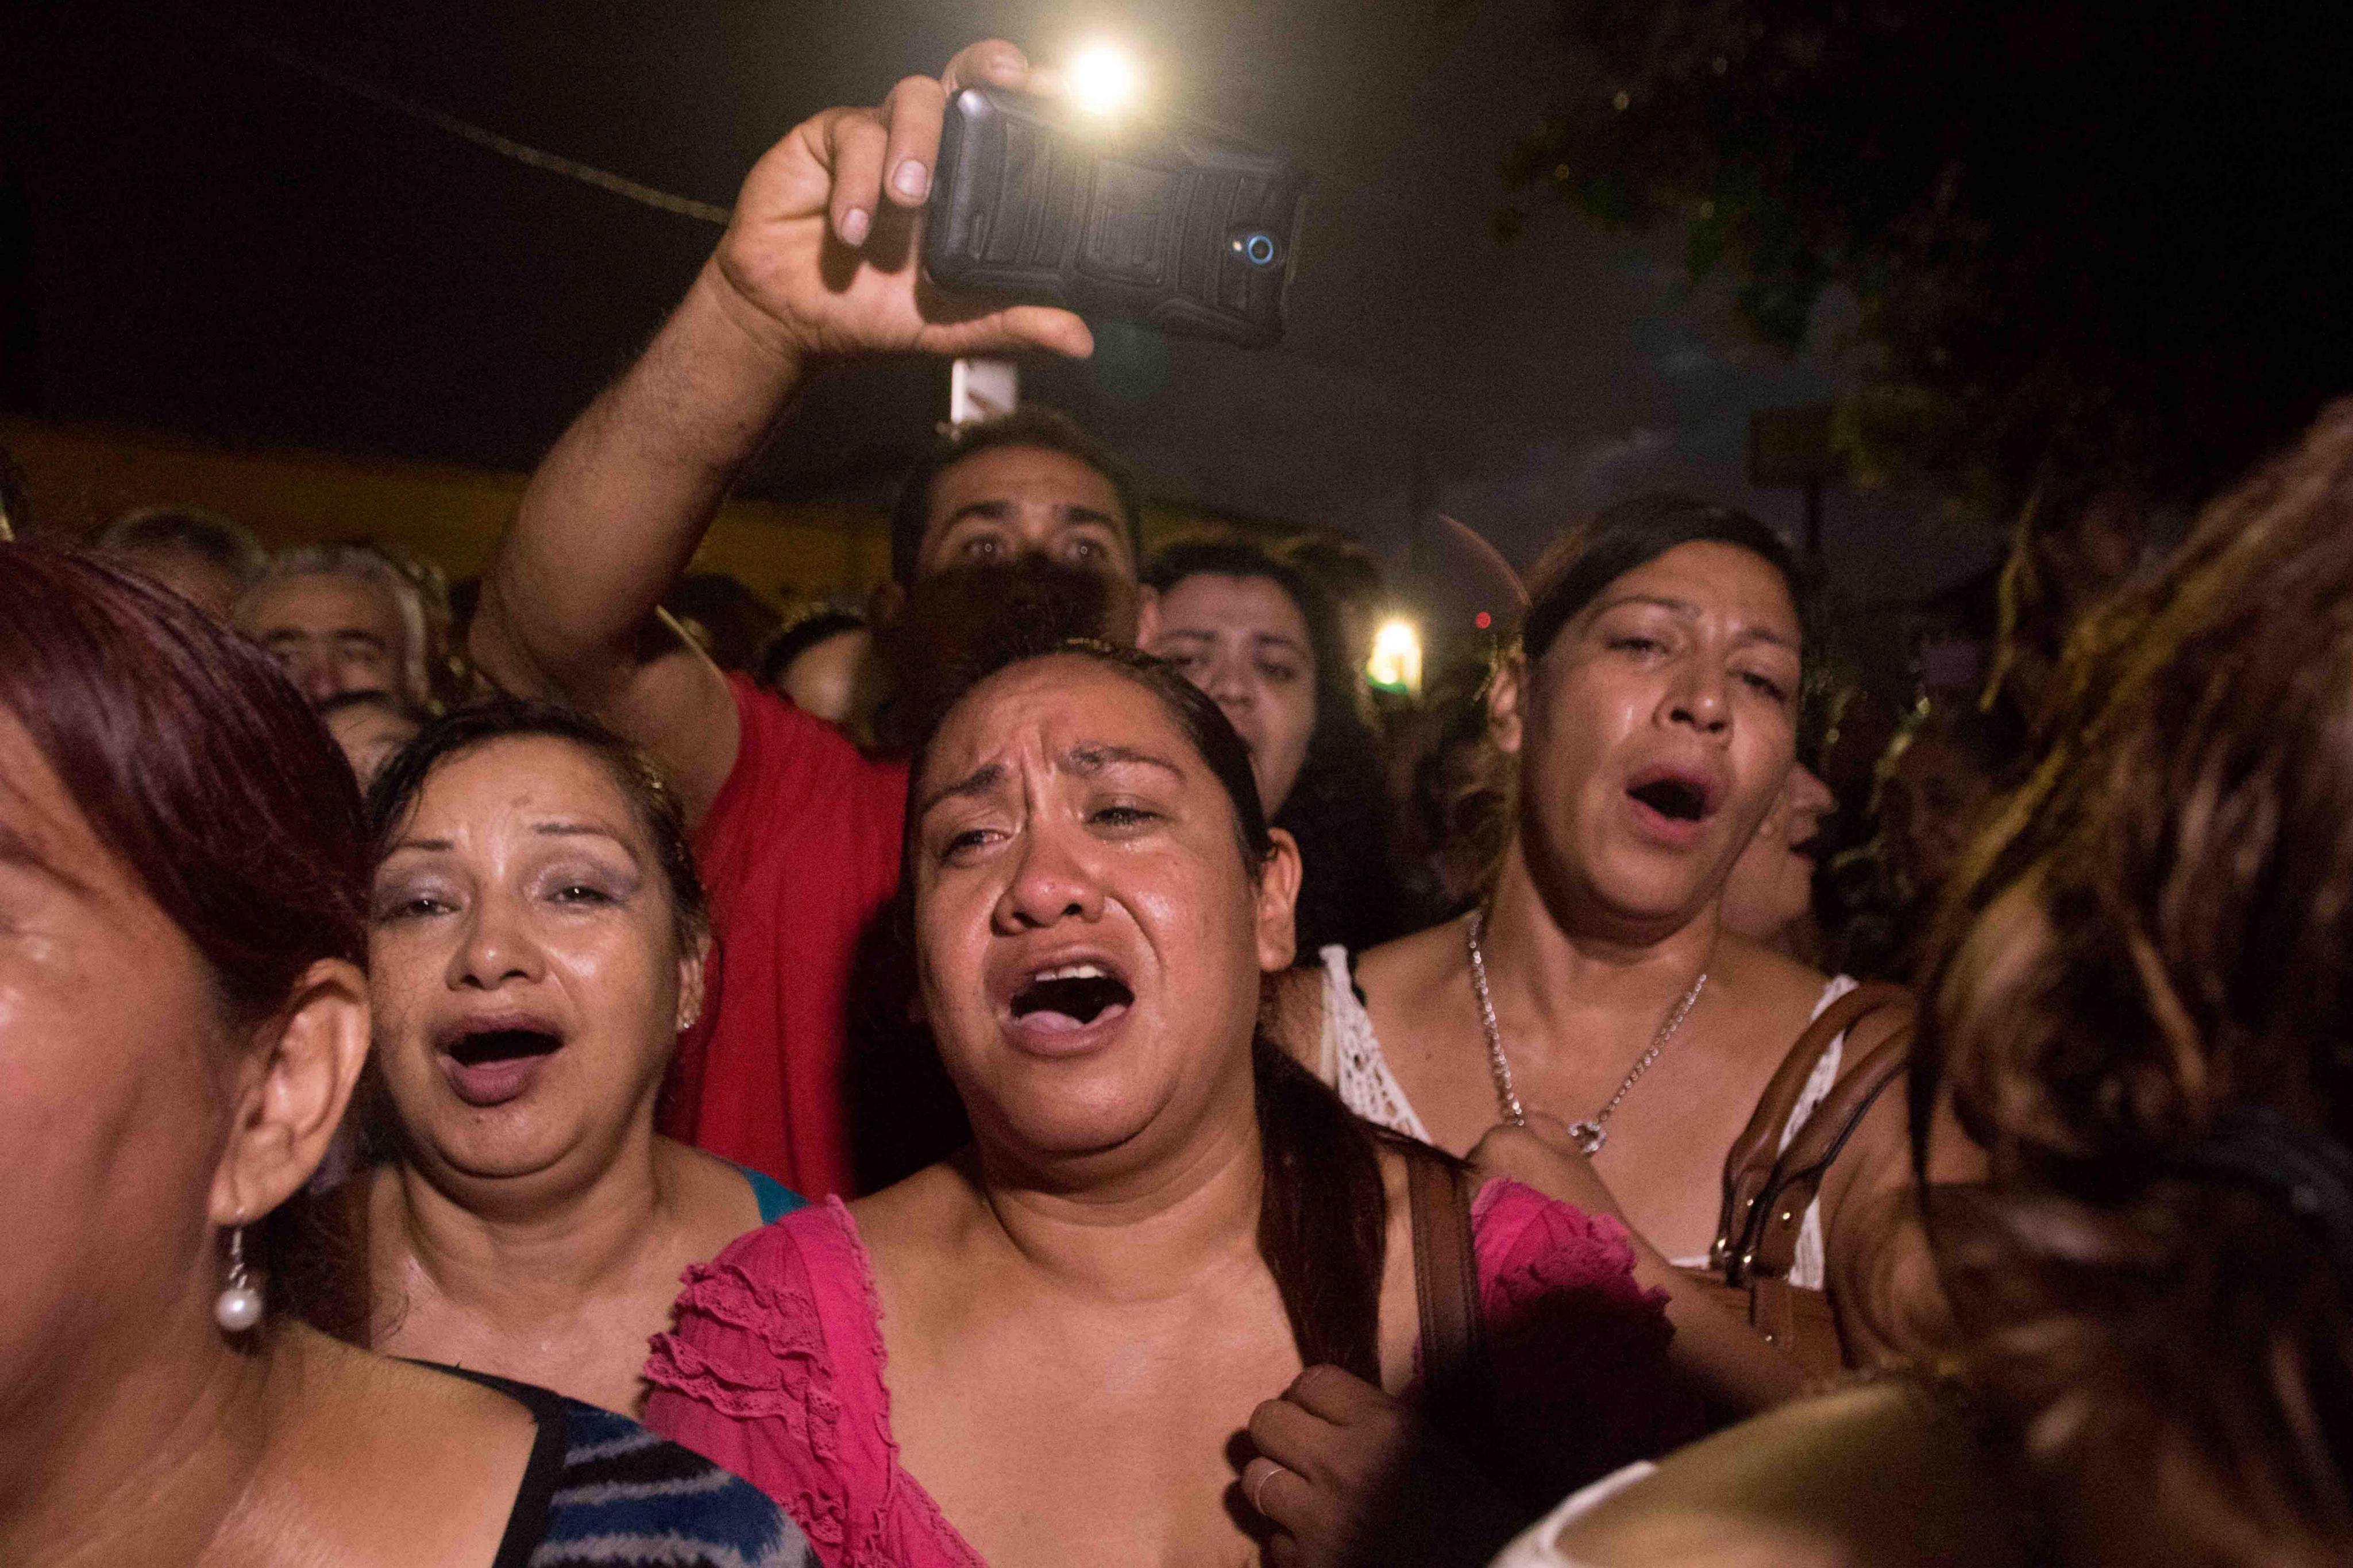 MEX30. CIUDAD JUÁREZ (MÉXICO), 28/08/2016.- Cientos de personas lloran y cantan las canciones de Juan Gabriel a las afueras de su casa hoy, domingo 28 de agosto de 2016, en Ciudad Juárez, en el estado de Chihuahua (México). La sorpresiva muerte del cantante Juan Gabriel de un infarto al corazón a los 66 años ha causado una enorme conmoción en su natal México, donde se preparan para homenajear a esta estrella internacional que es considerada el máximo exponente de la música popular del país. EFE/Alejandro Bringas